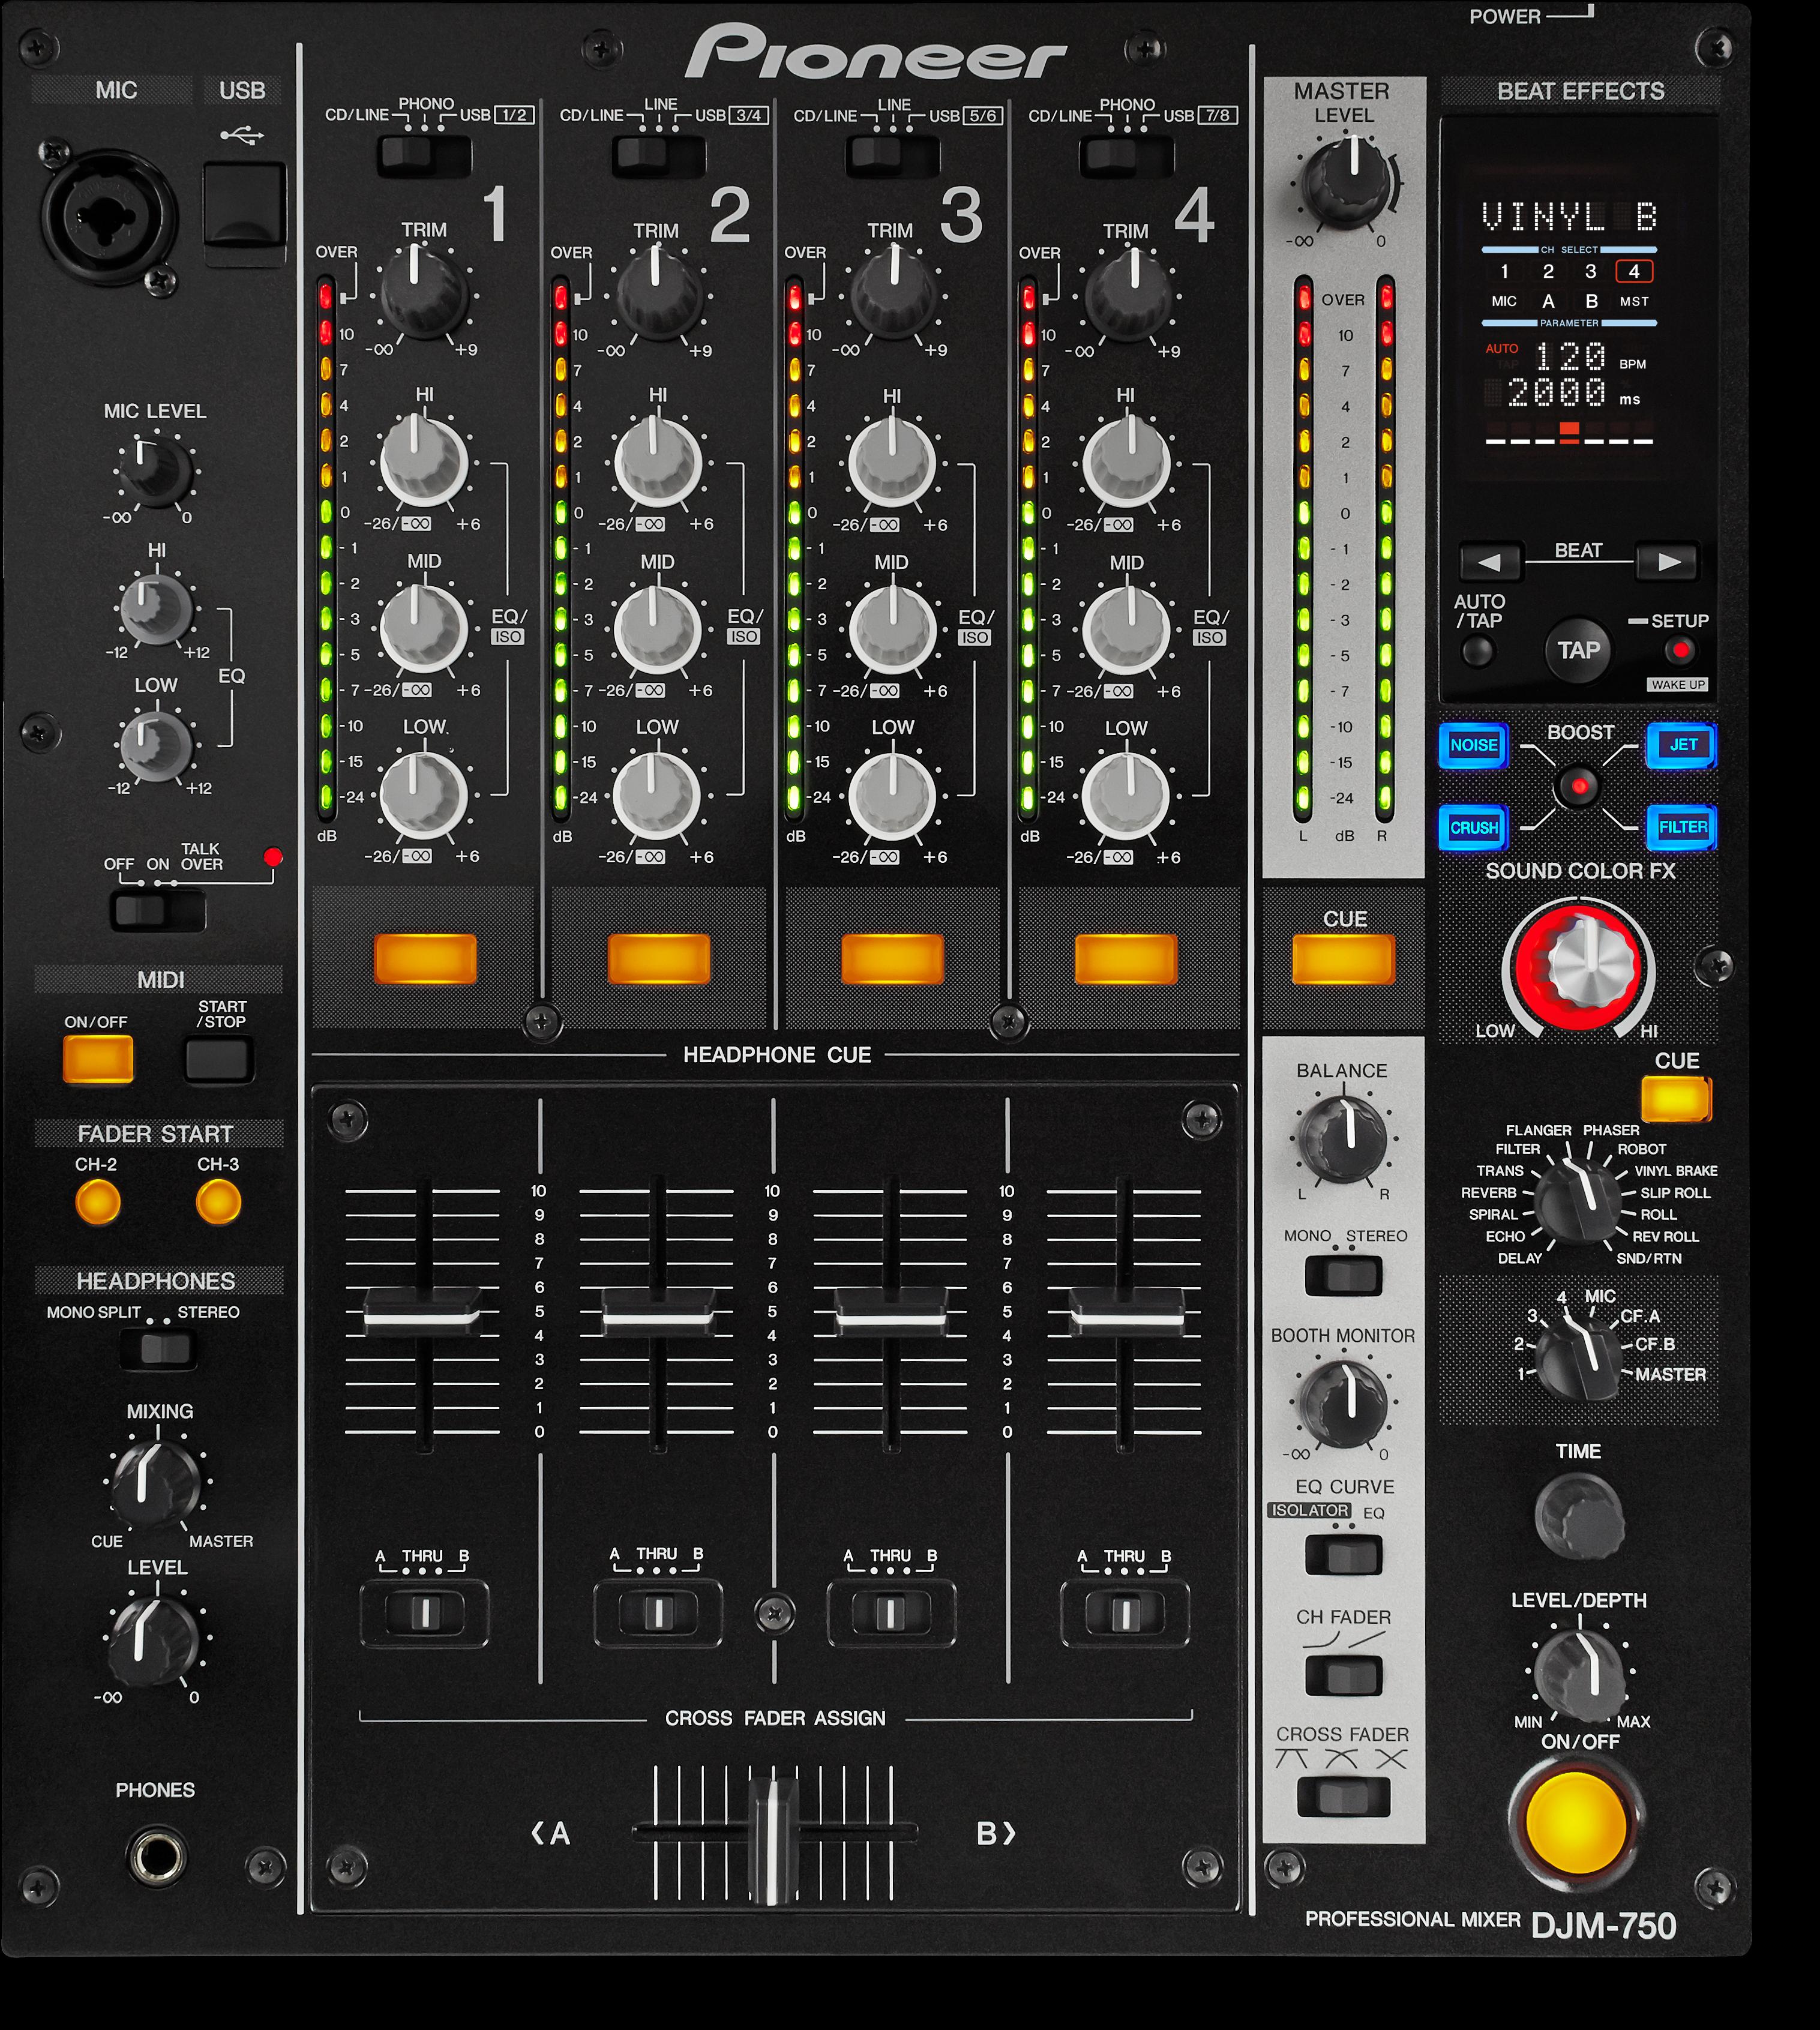 DJM-750 main